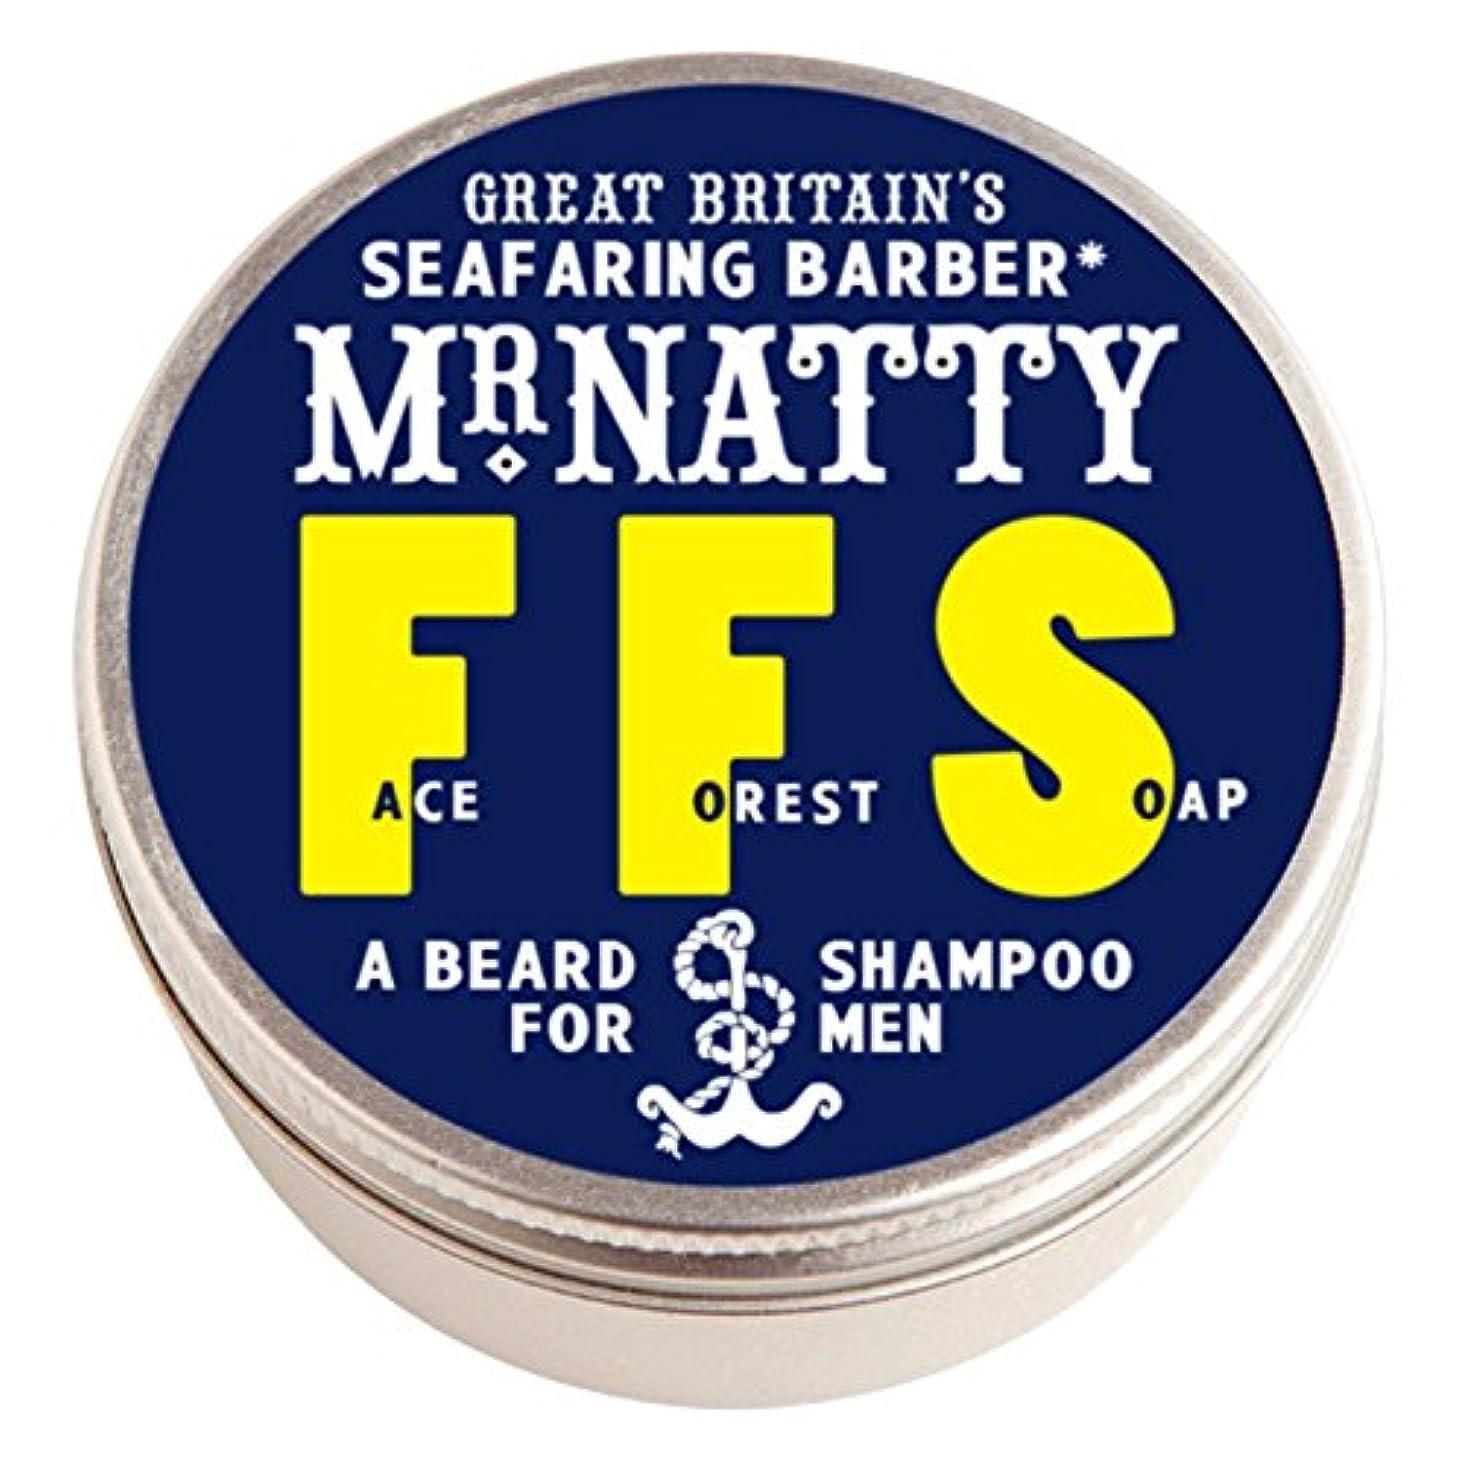 技術者下着調和のとれたミスター粋の森林顔ひげシャンプー (Mr Natty) - Mr Natty's Forest Face Beard Shampoo [並行輸入品]